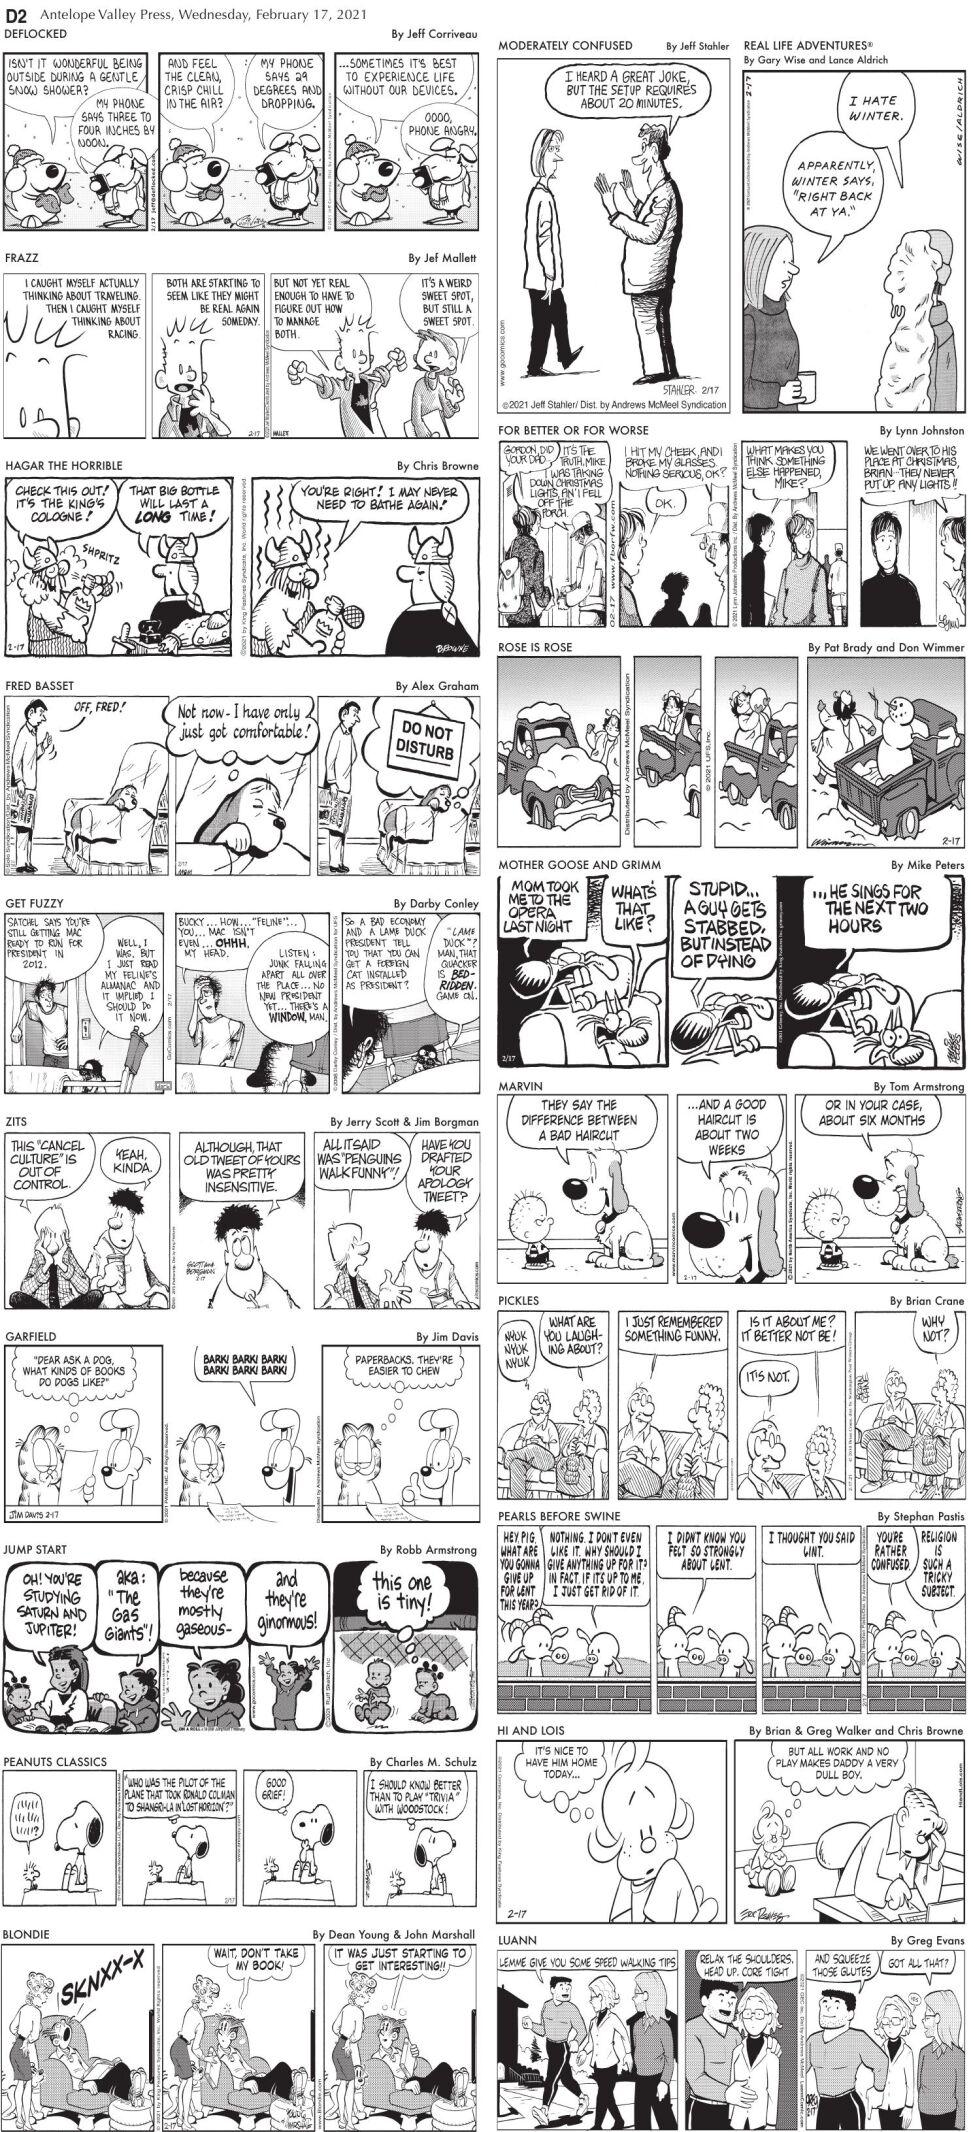 Comics, Feb. 17, 2021.